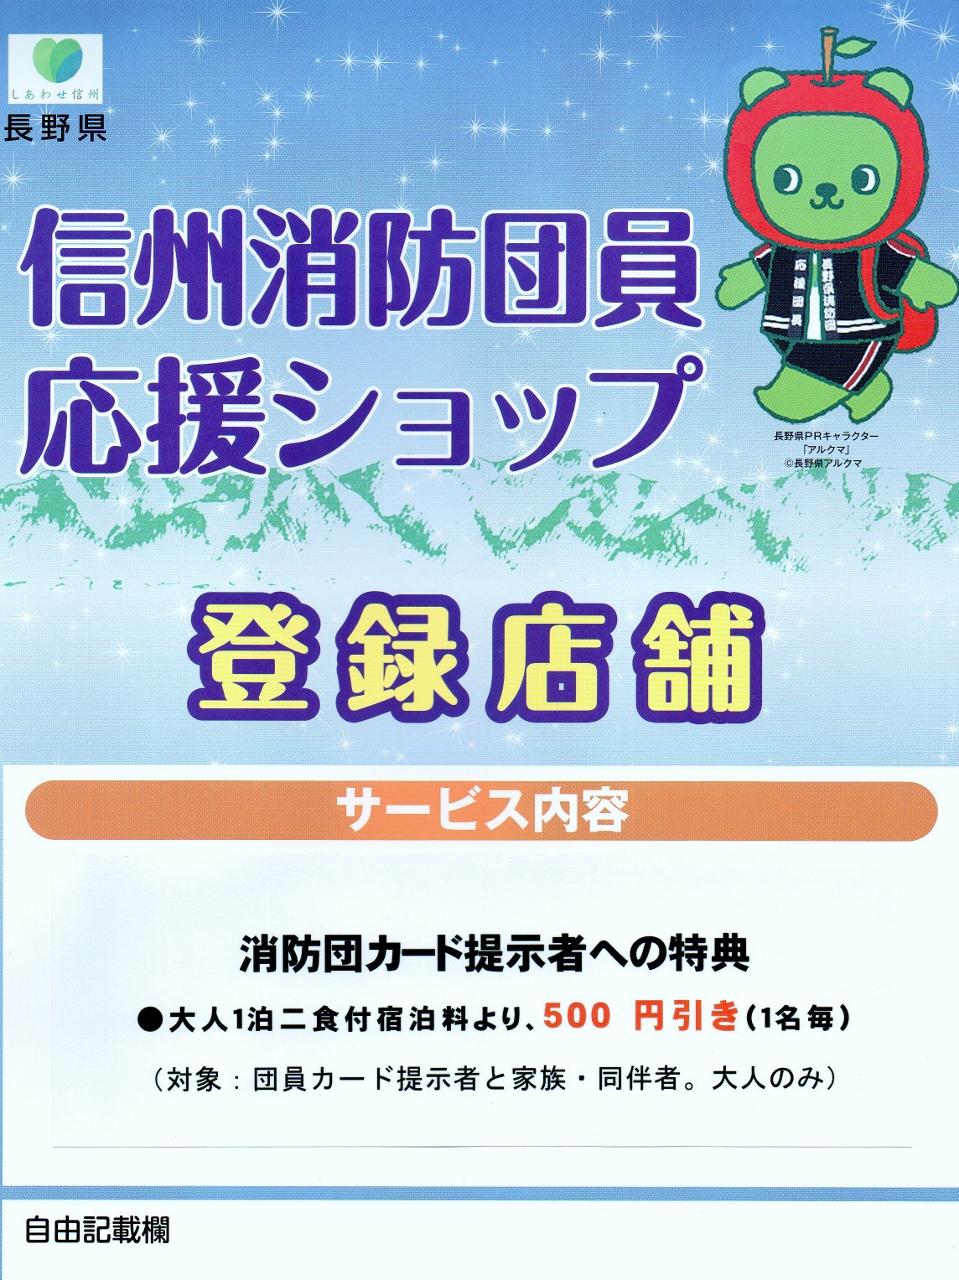 長野県消防団信州消防団応援ショップ特典